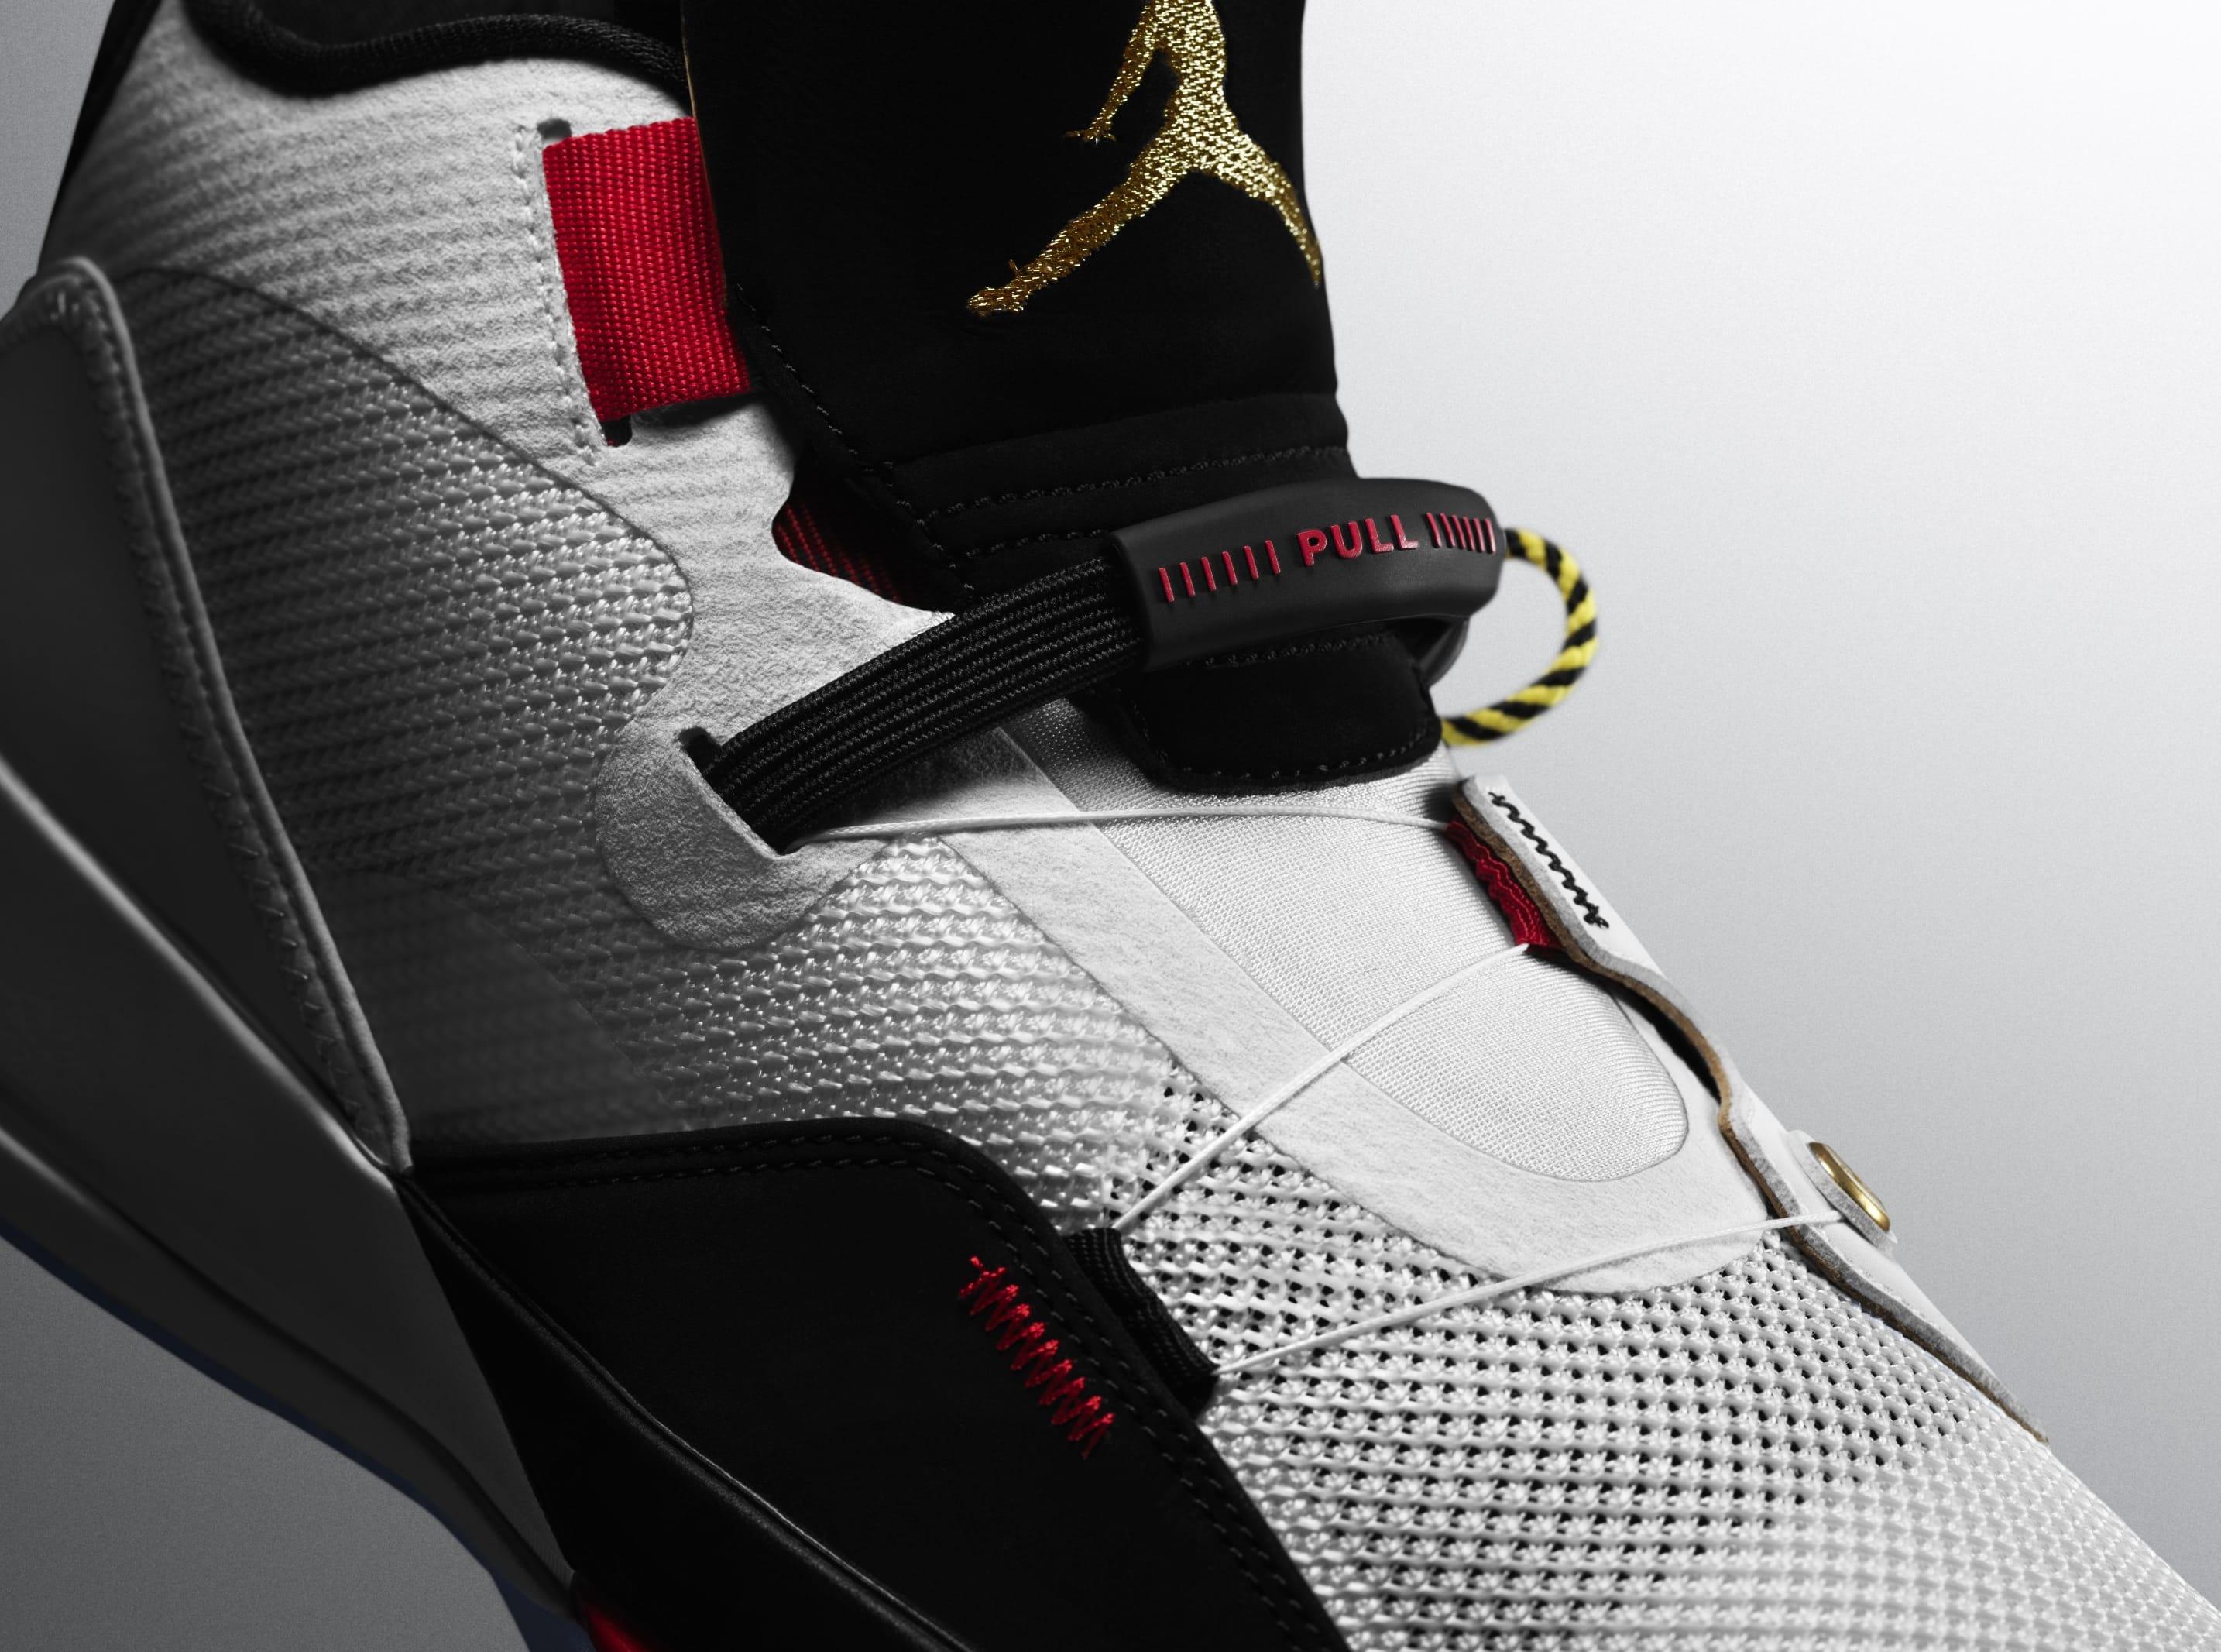 Đây là Air Jordan 33, mẫu giày bóng rổ độc nhất, chưa từng thấy từ trước đến nay - Ảnh 2.